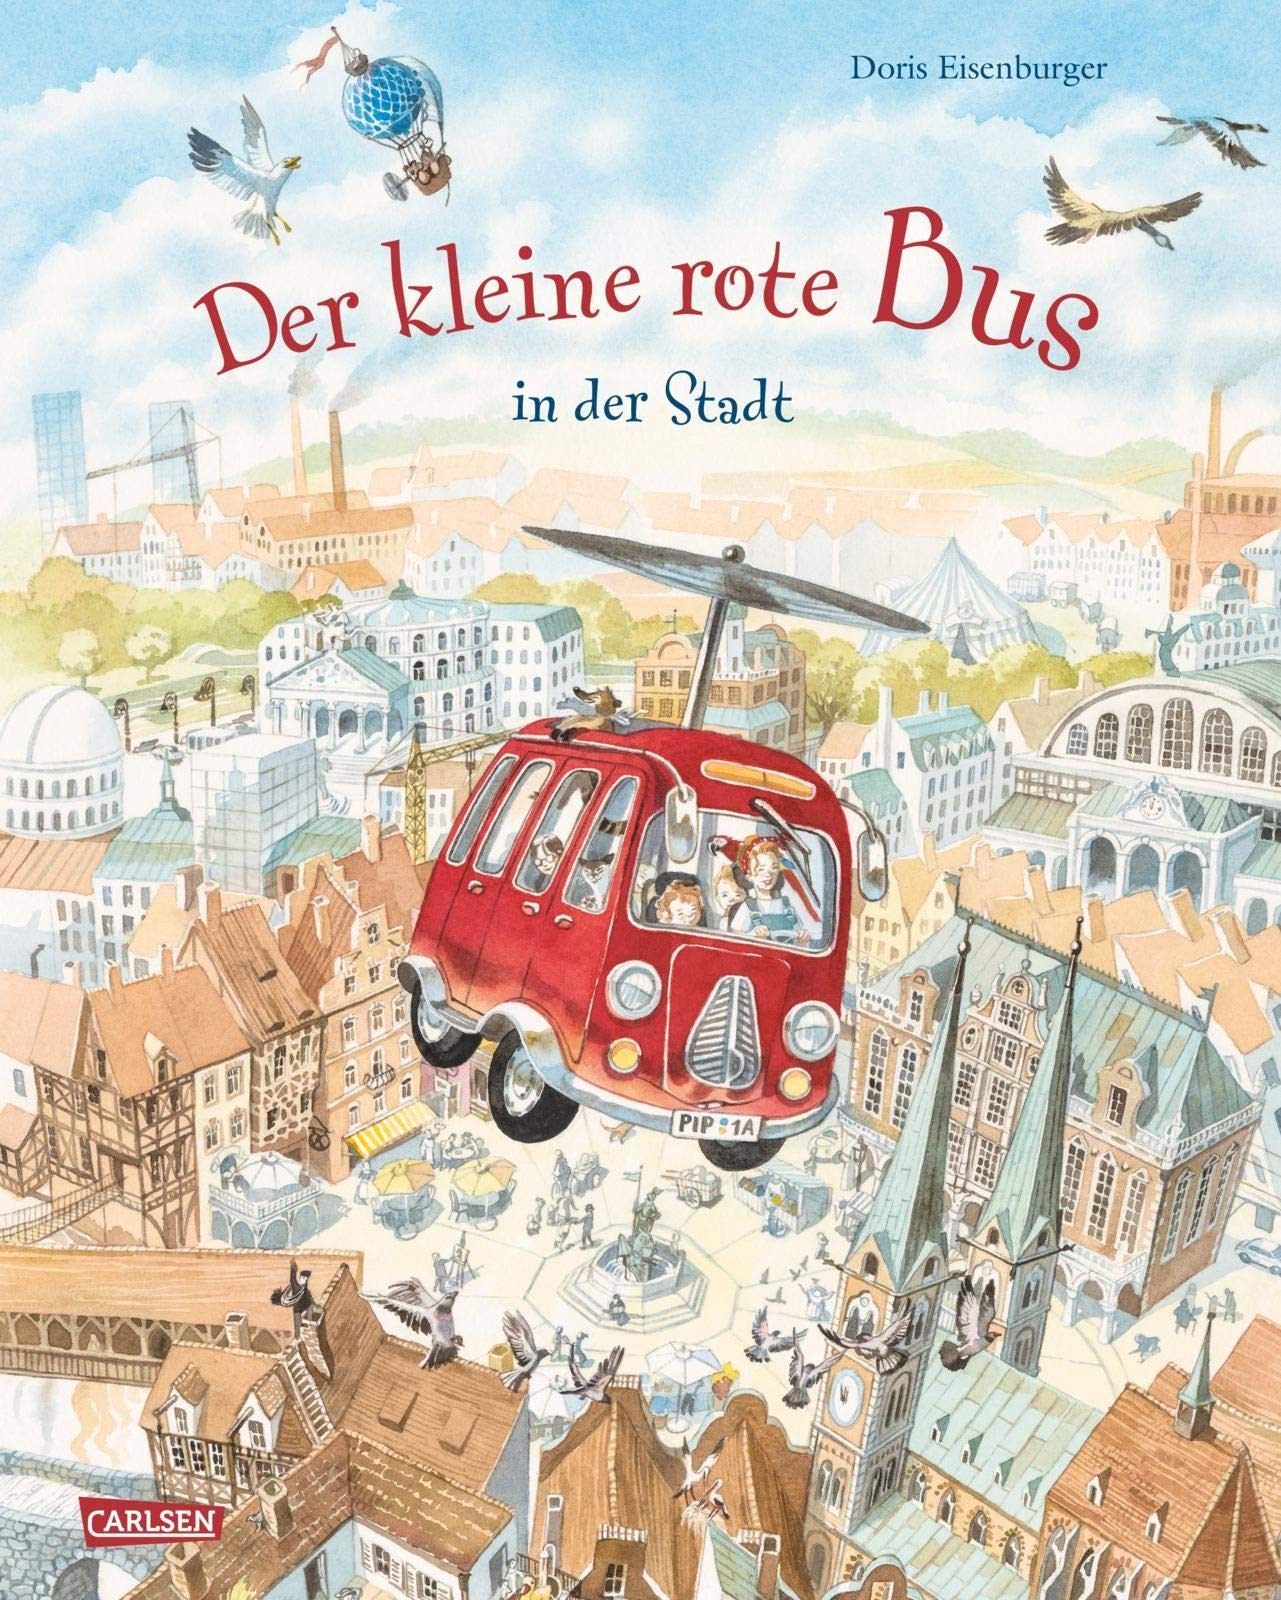 Der kleine rote Bus – In der Stadt